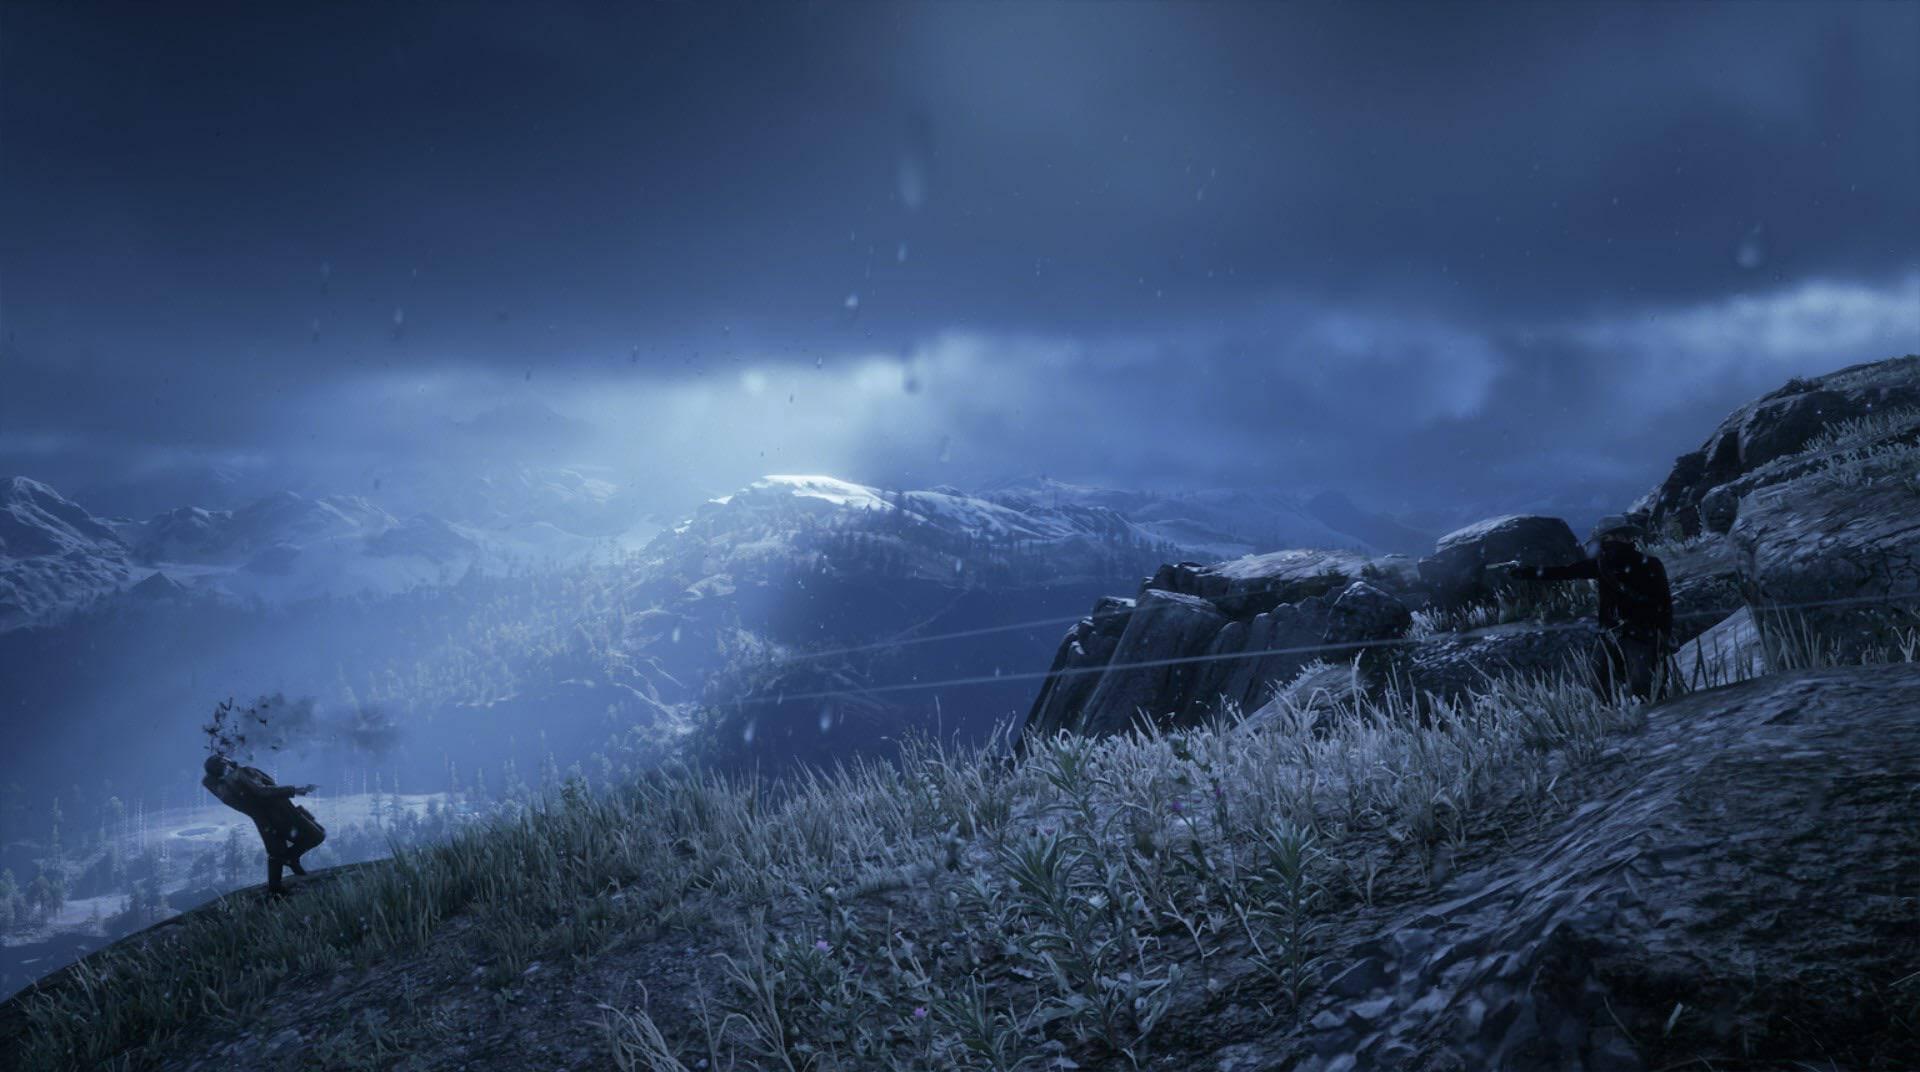 玩家在《荒野大镖客2》中每天杀死一名警长组成相册